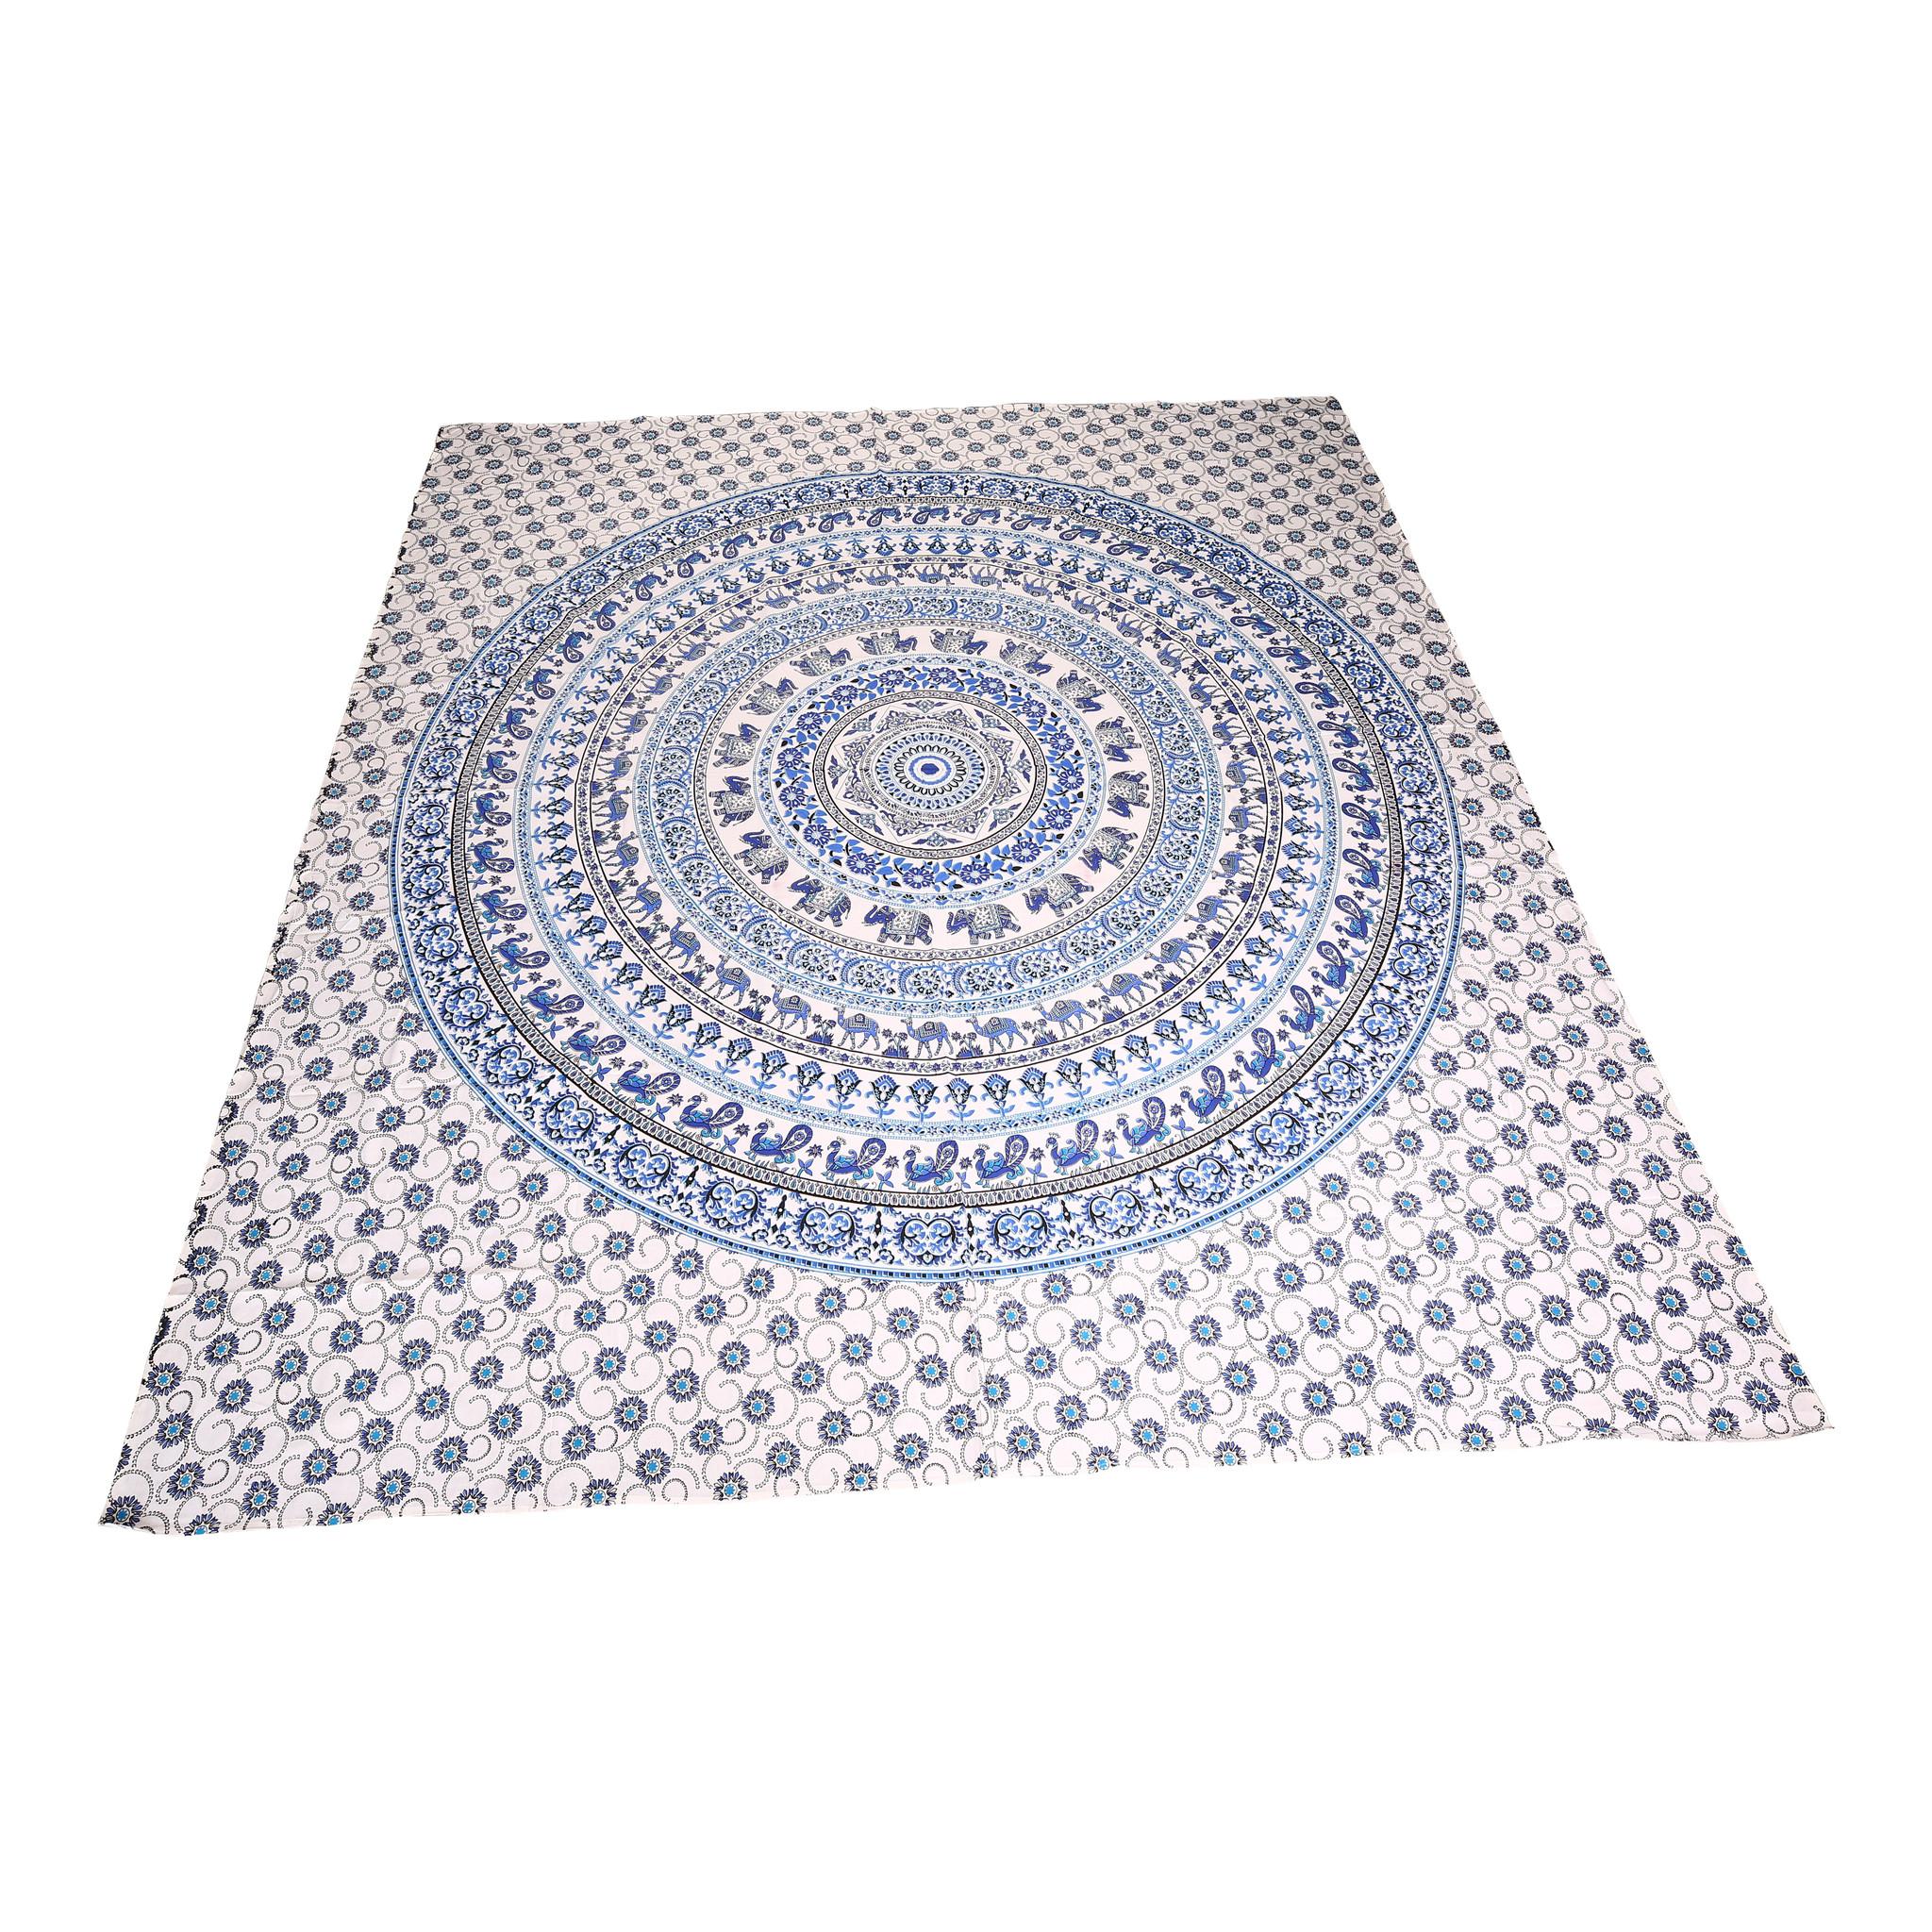 Myroundie Myroundie - roundie - vierkant strandlaken XL – yoga kleed- speelkleed - picknickkleed -100% katoen – Q25